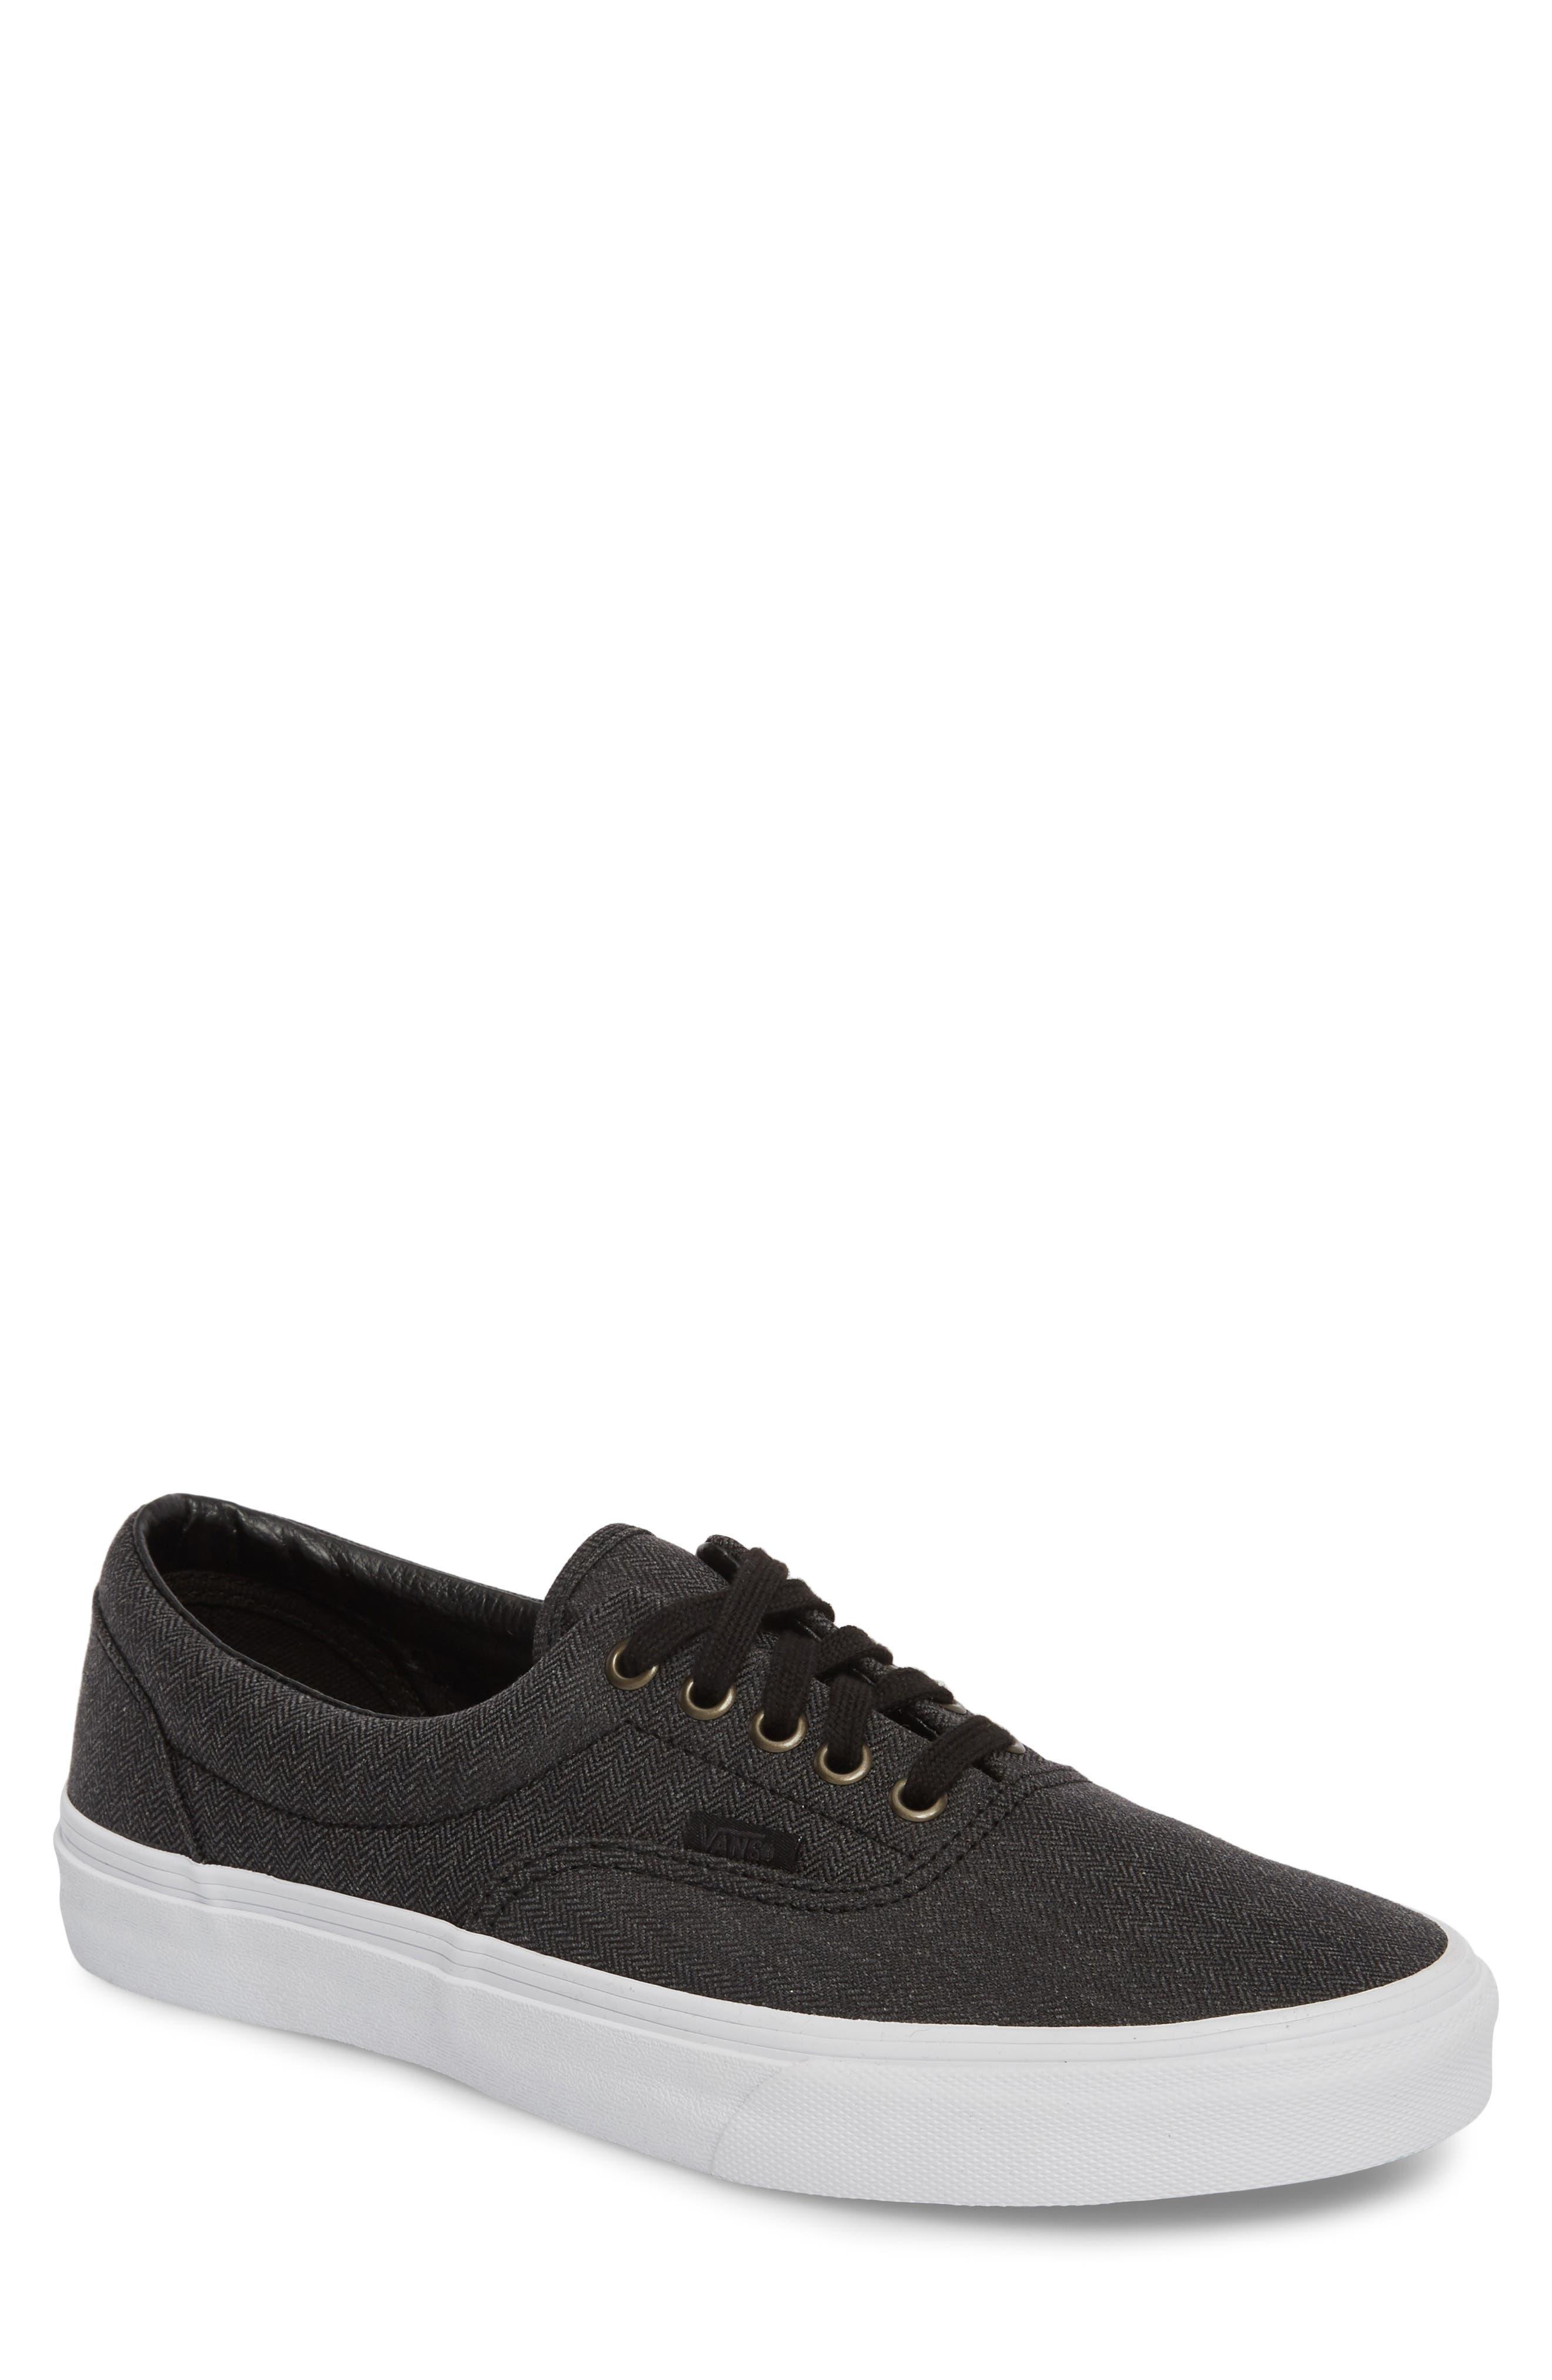 'Era' Sneaker,                             Main thumbnail 1, color,                             Black/ White